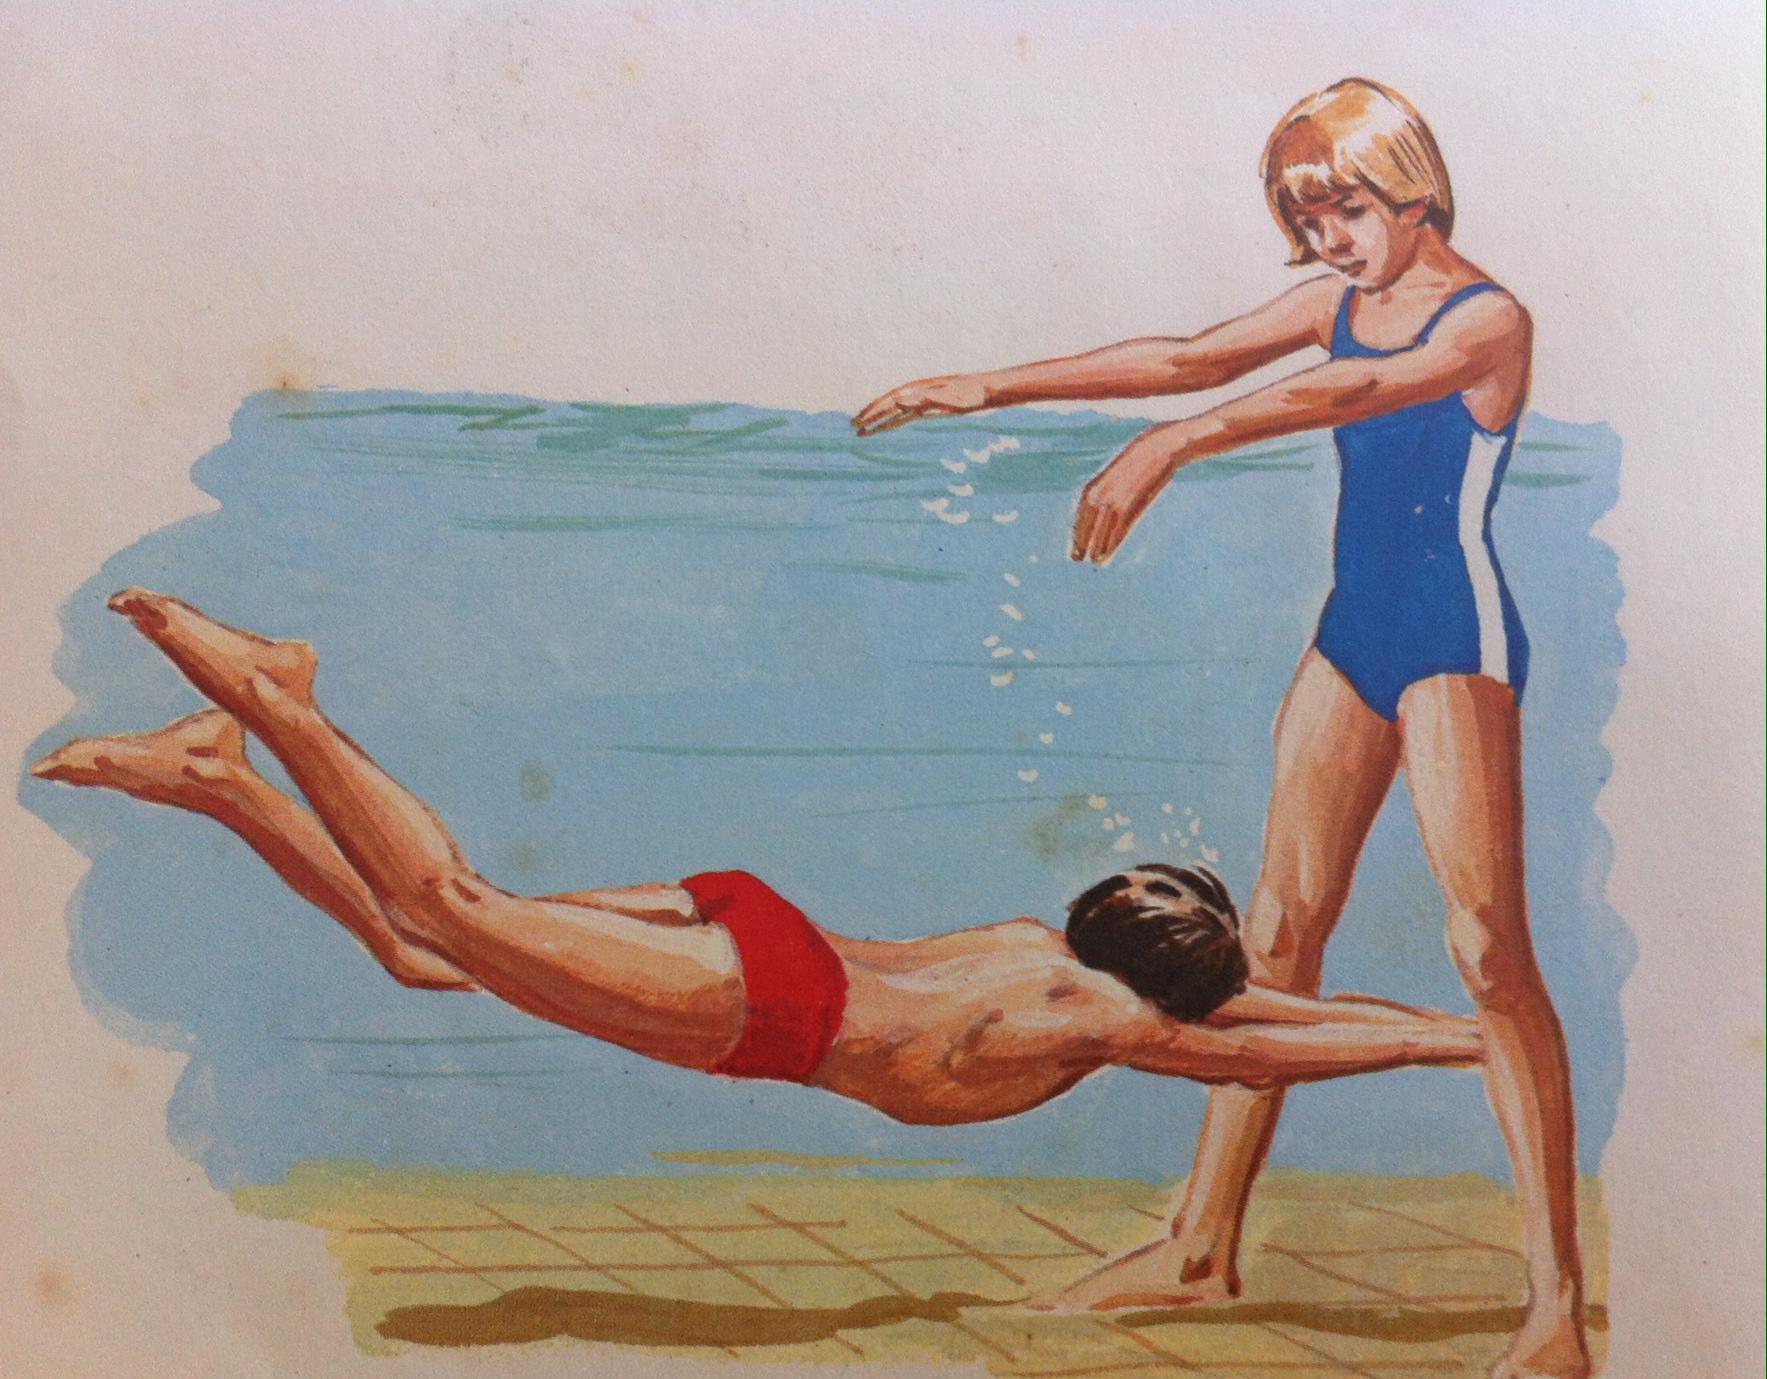 underwater leg swim drawing